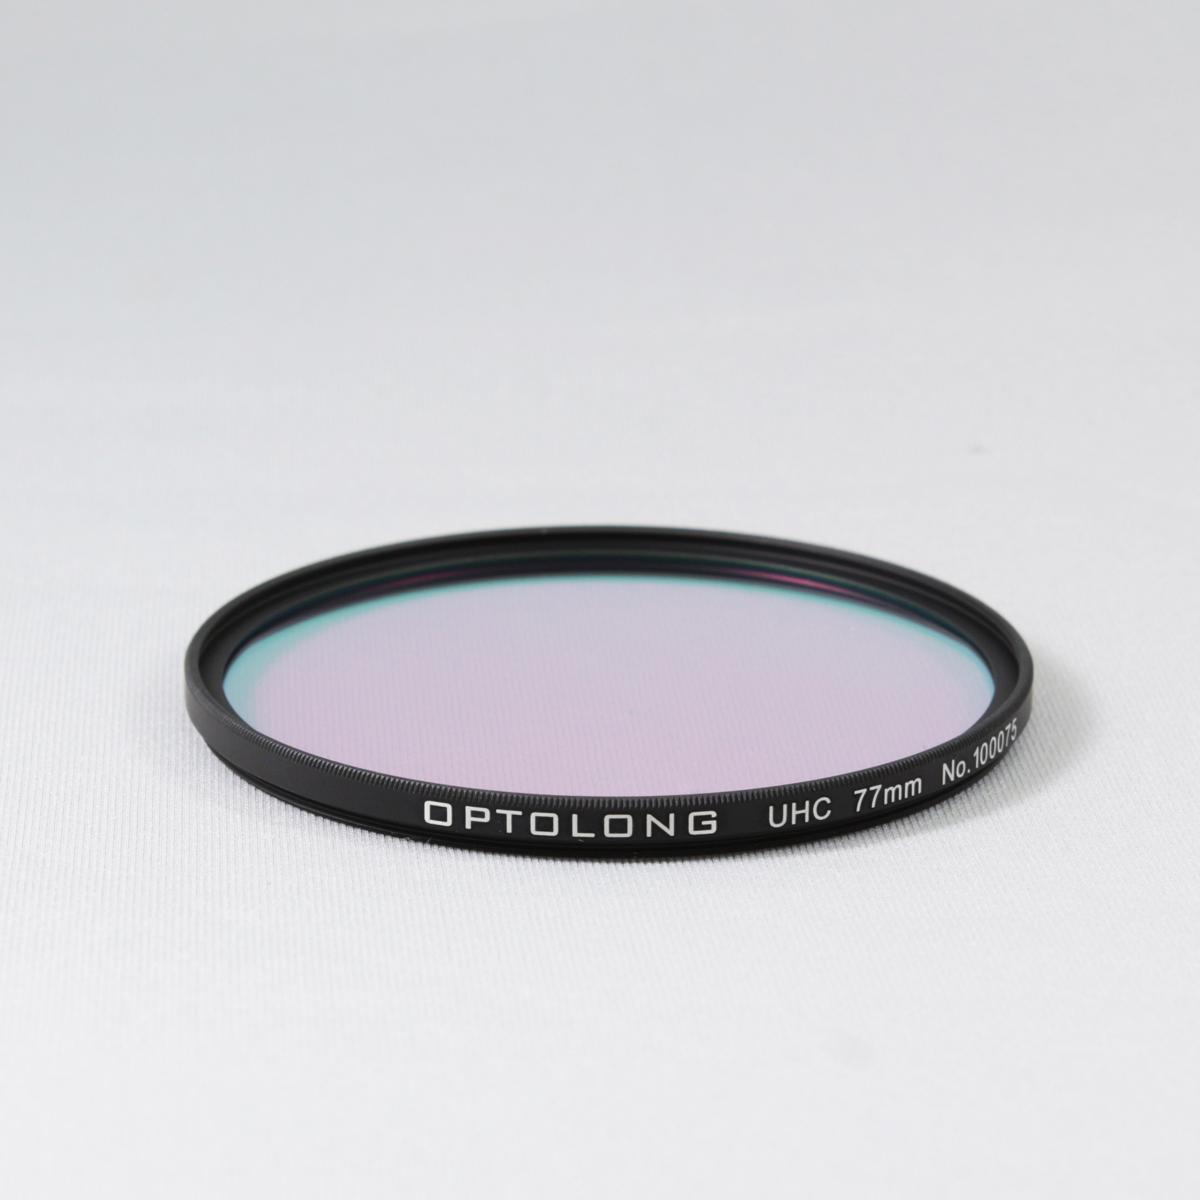 OPTOLONG オプトロン UHC 77mm 【フロント装着タイプ】